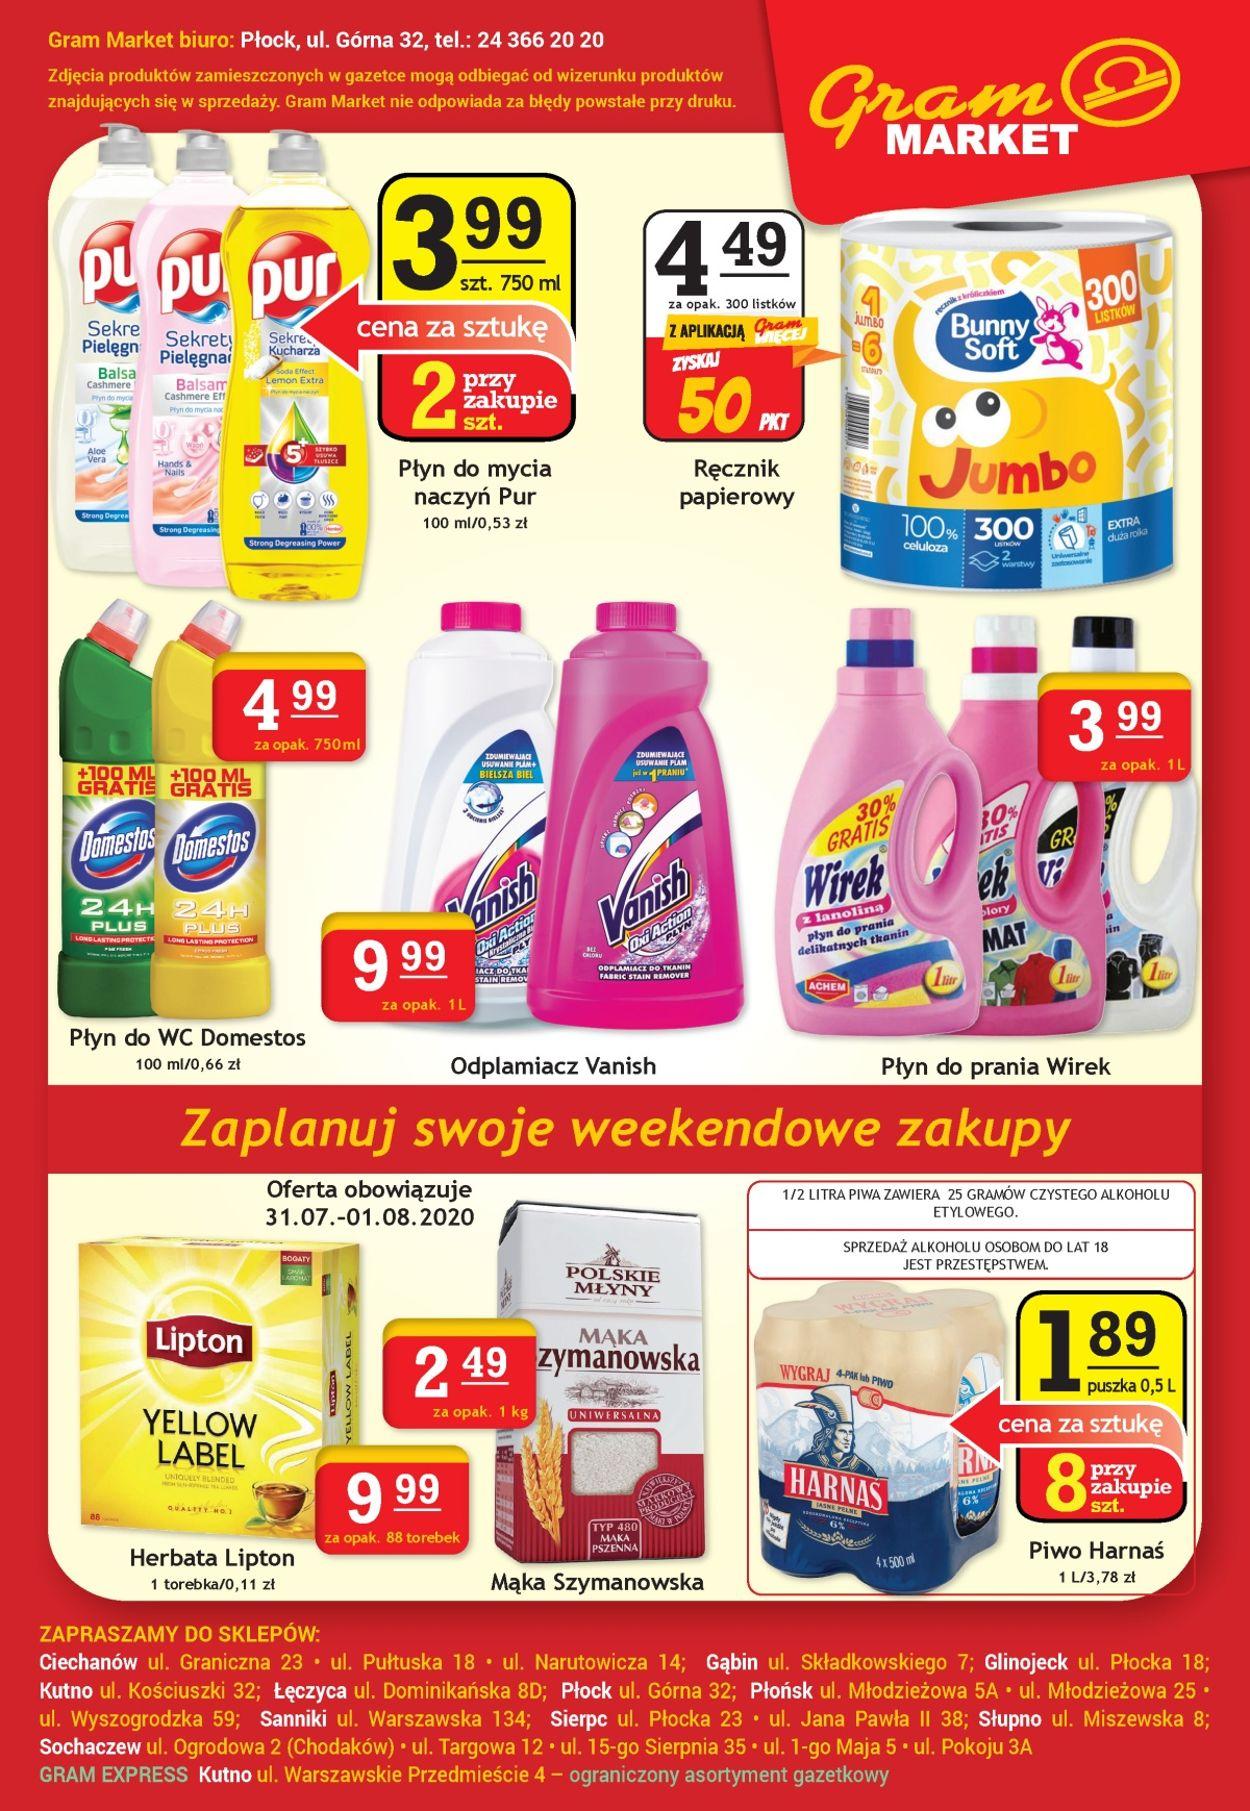 Gazetka promocyjna Gram Market - 29.07-04.08.2020 (Strona 8)